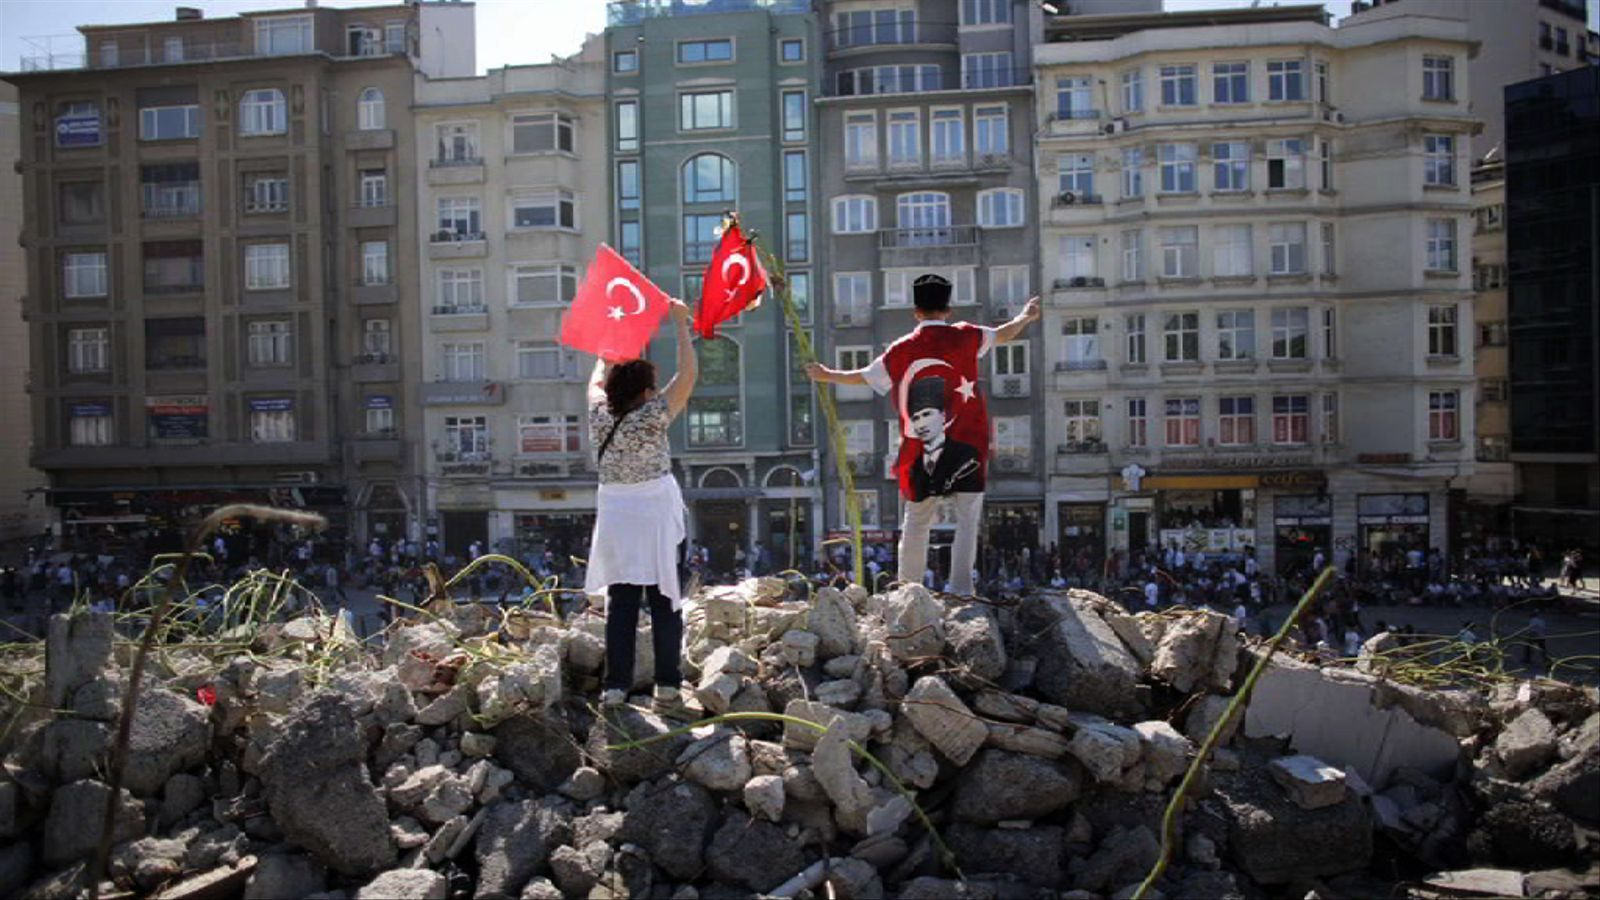 Els turcs de Barcelona, amb els manifestants de Taksim: És una lluita social que supera la por